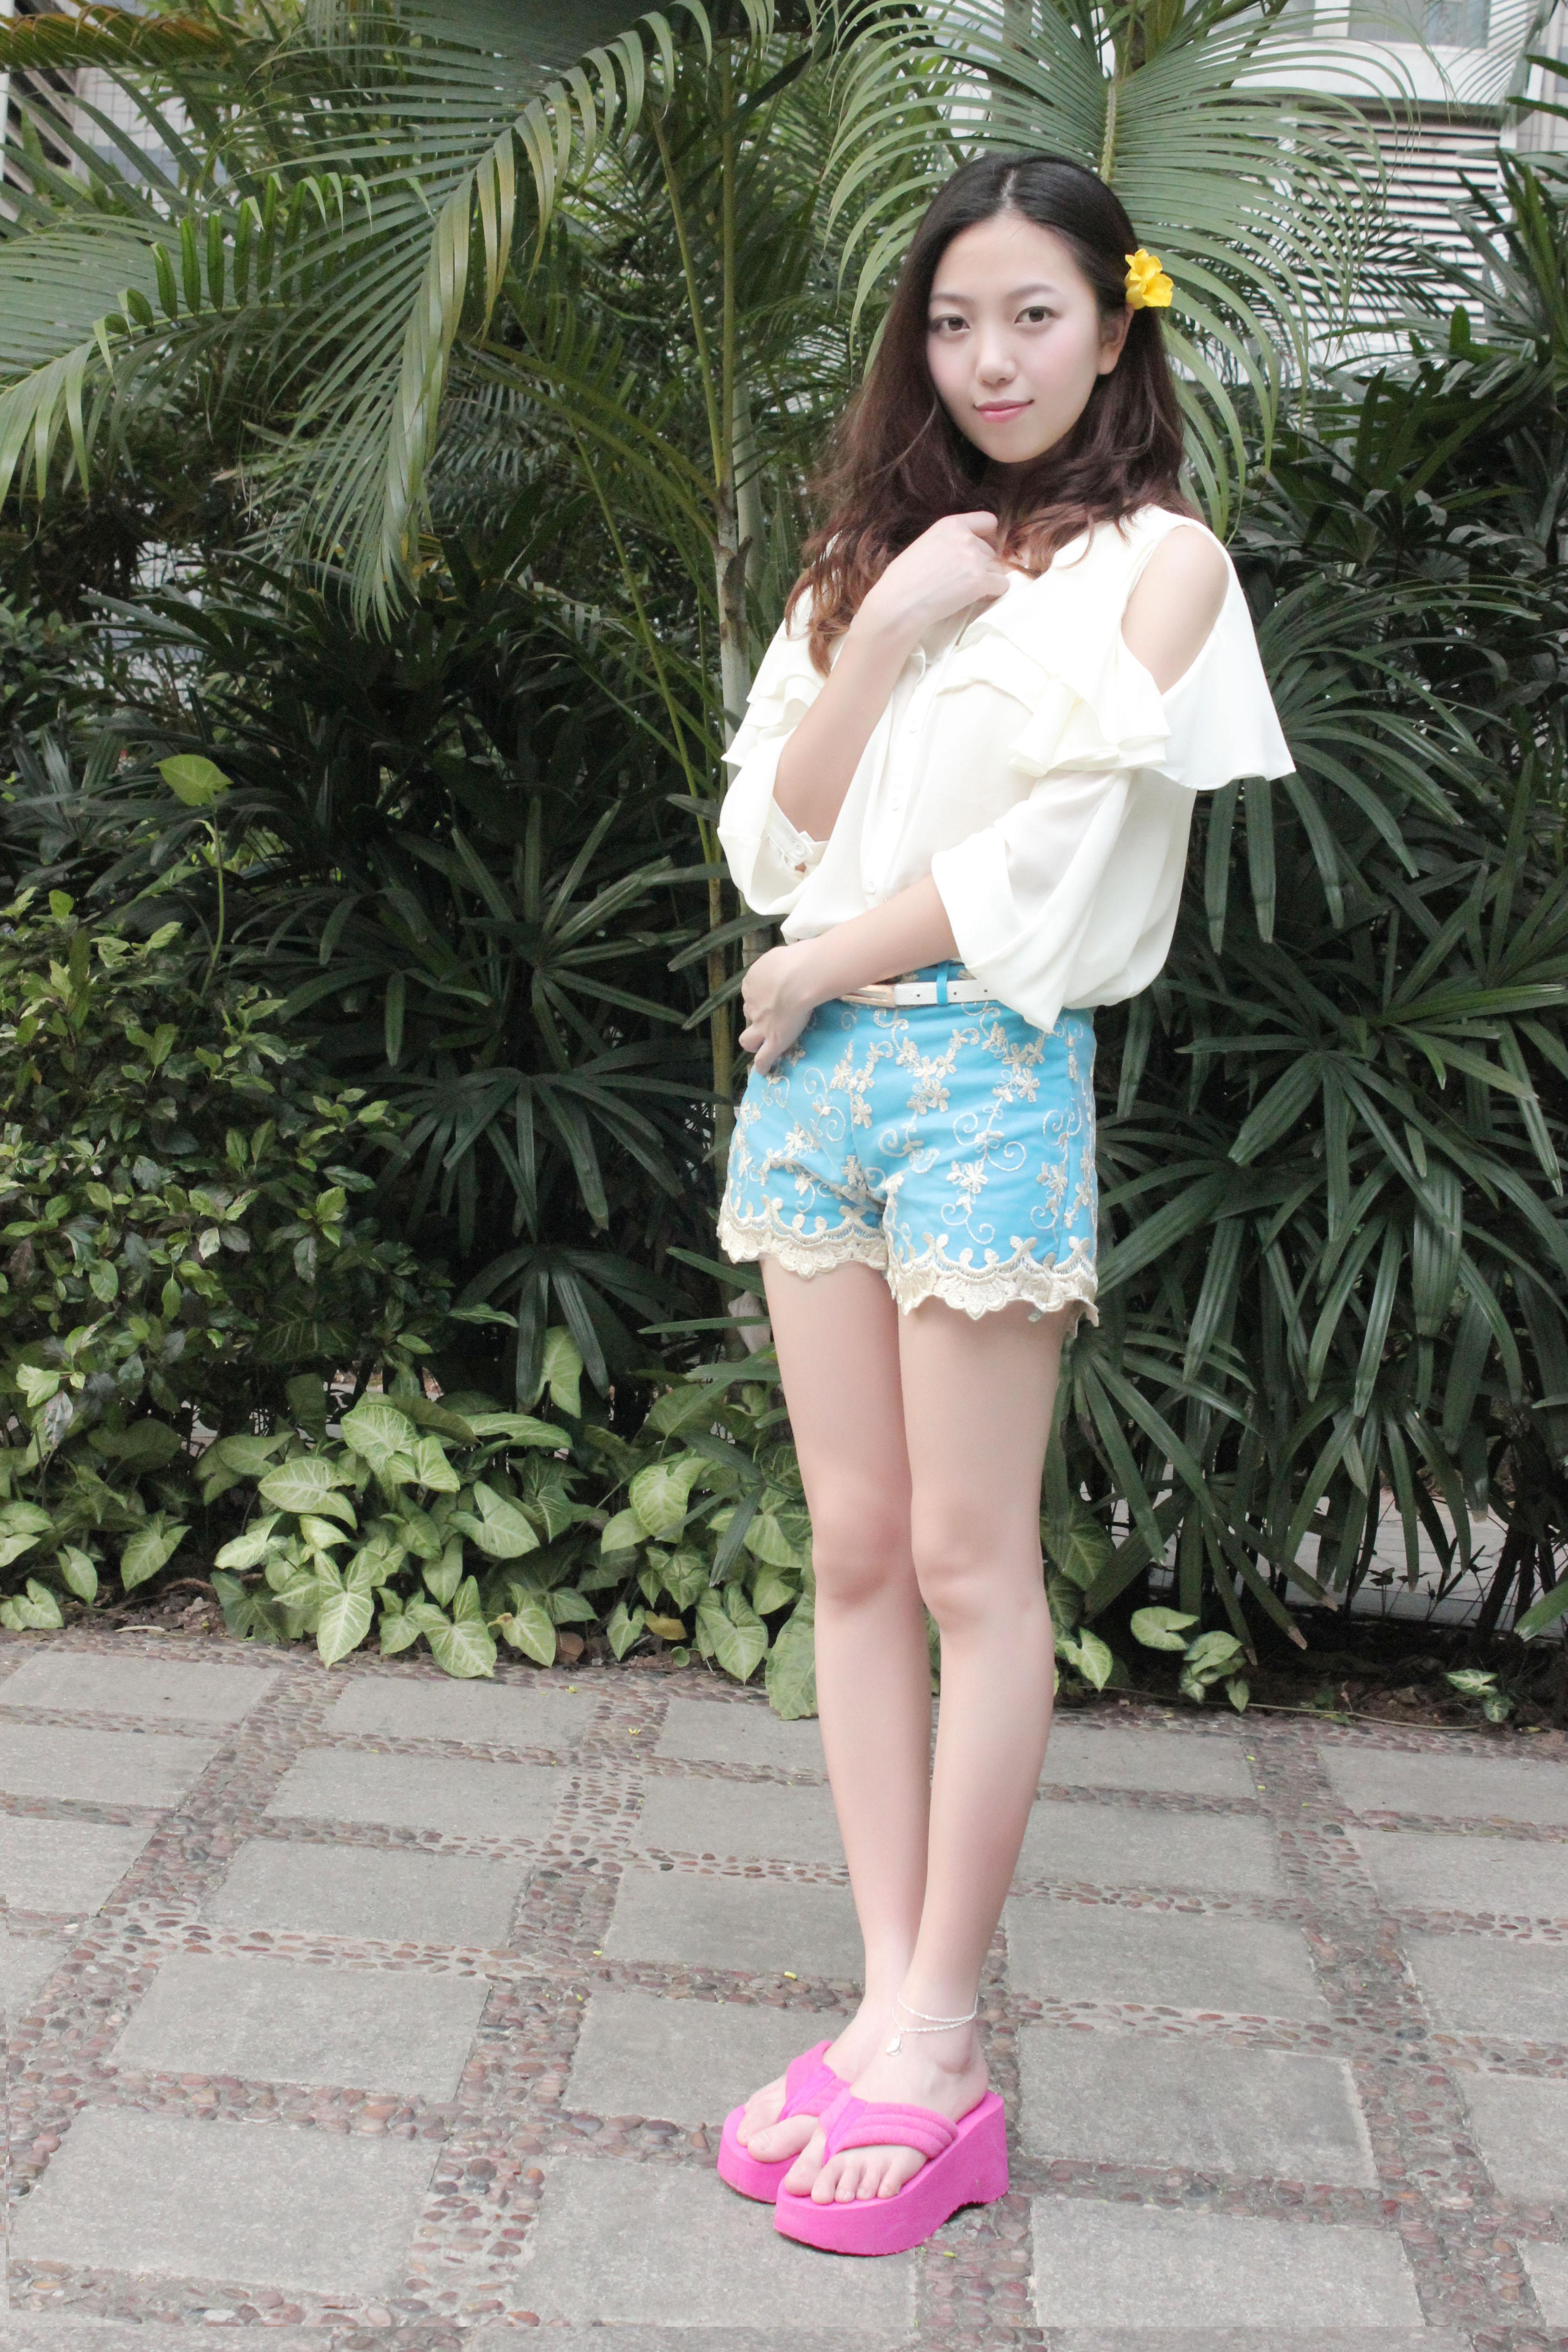 双层式的蕾丝花边短裤很特别